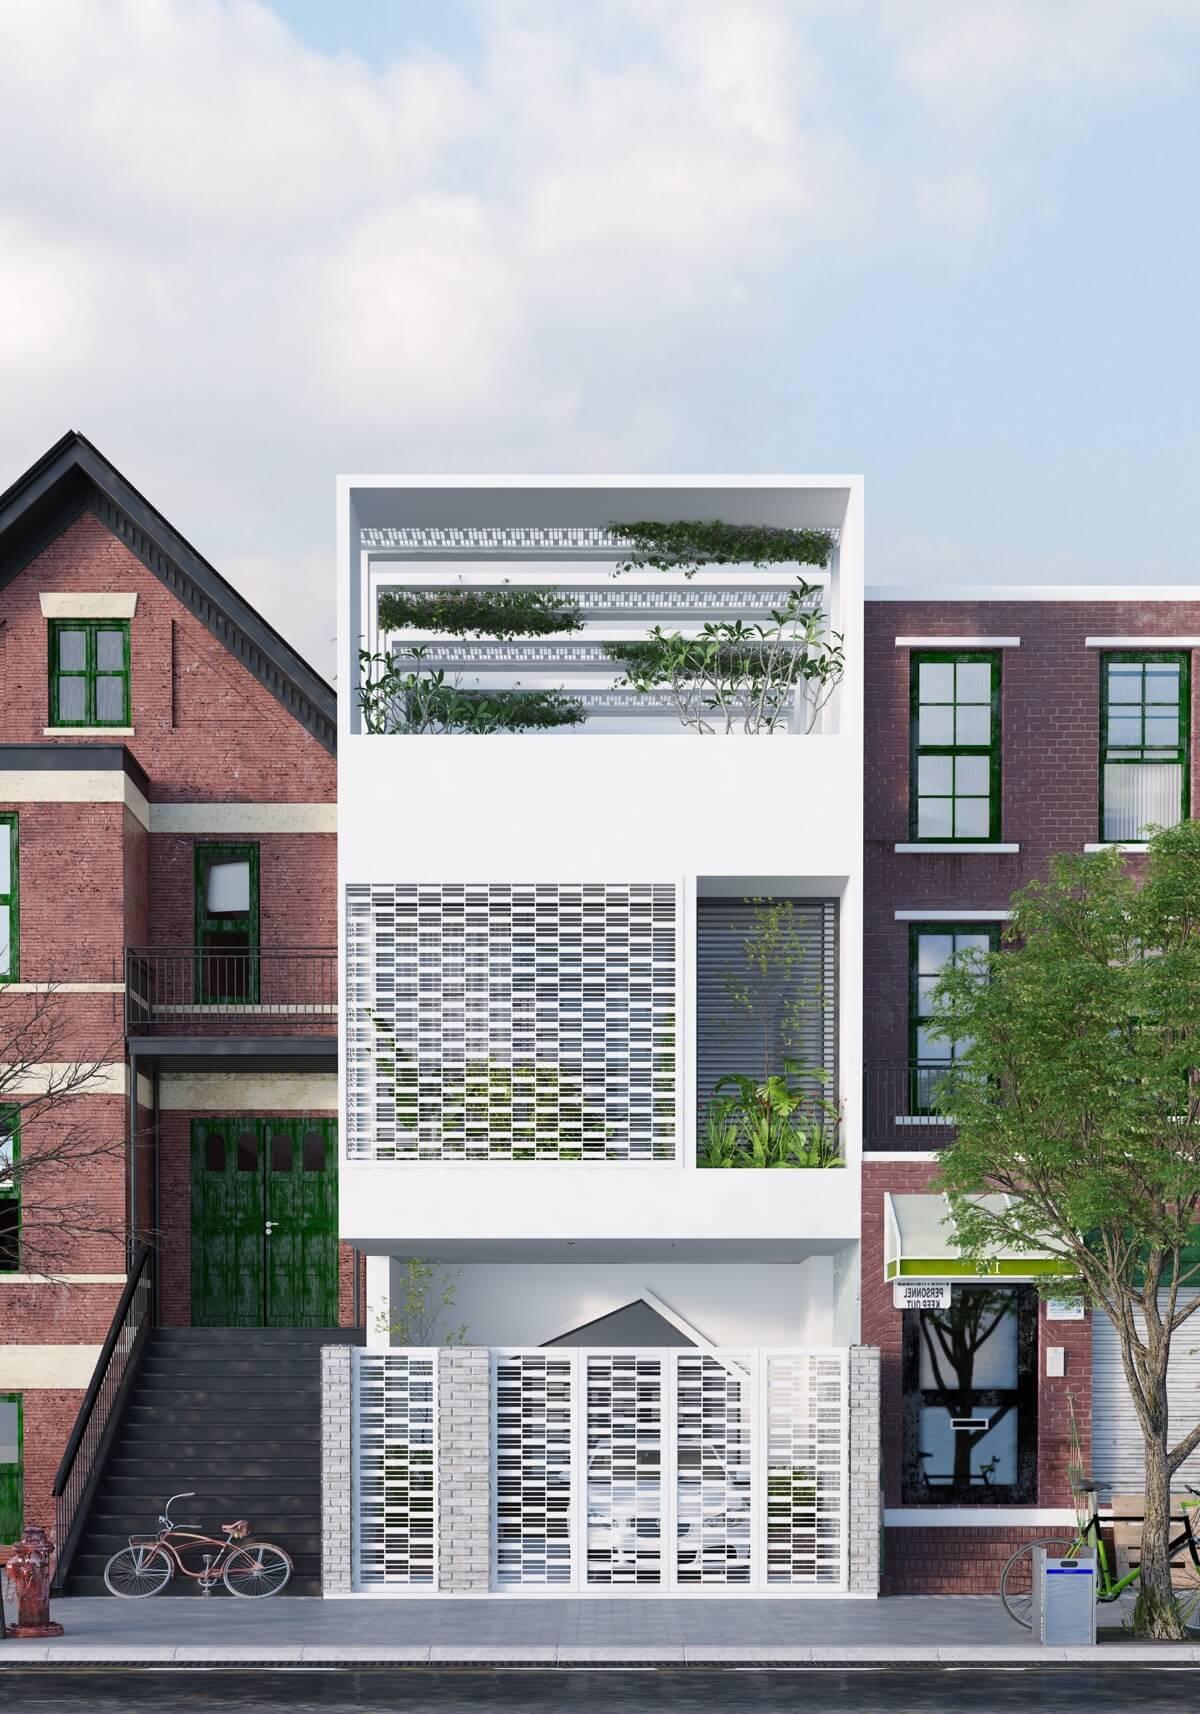 thiết kế mẫu nhà phố 3 tầng hiện đại gần gũi với thiên nhiên 9